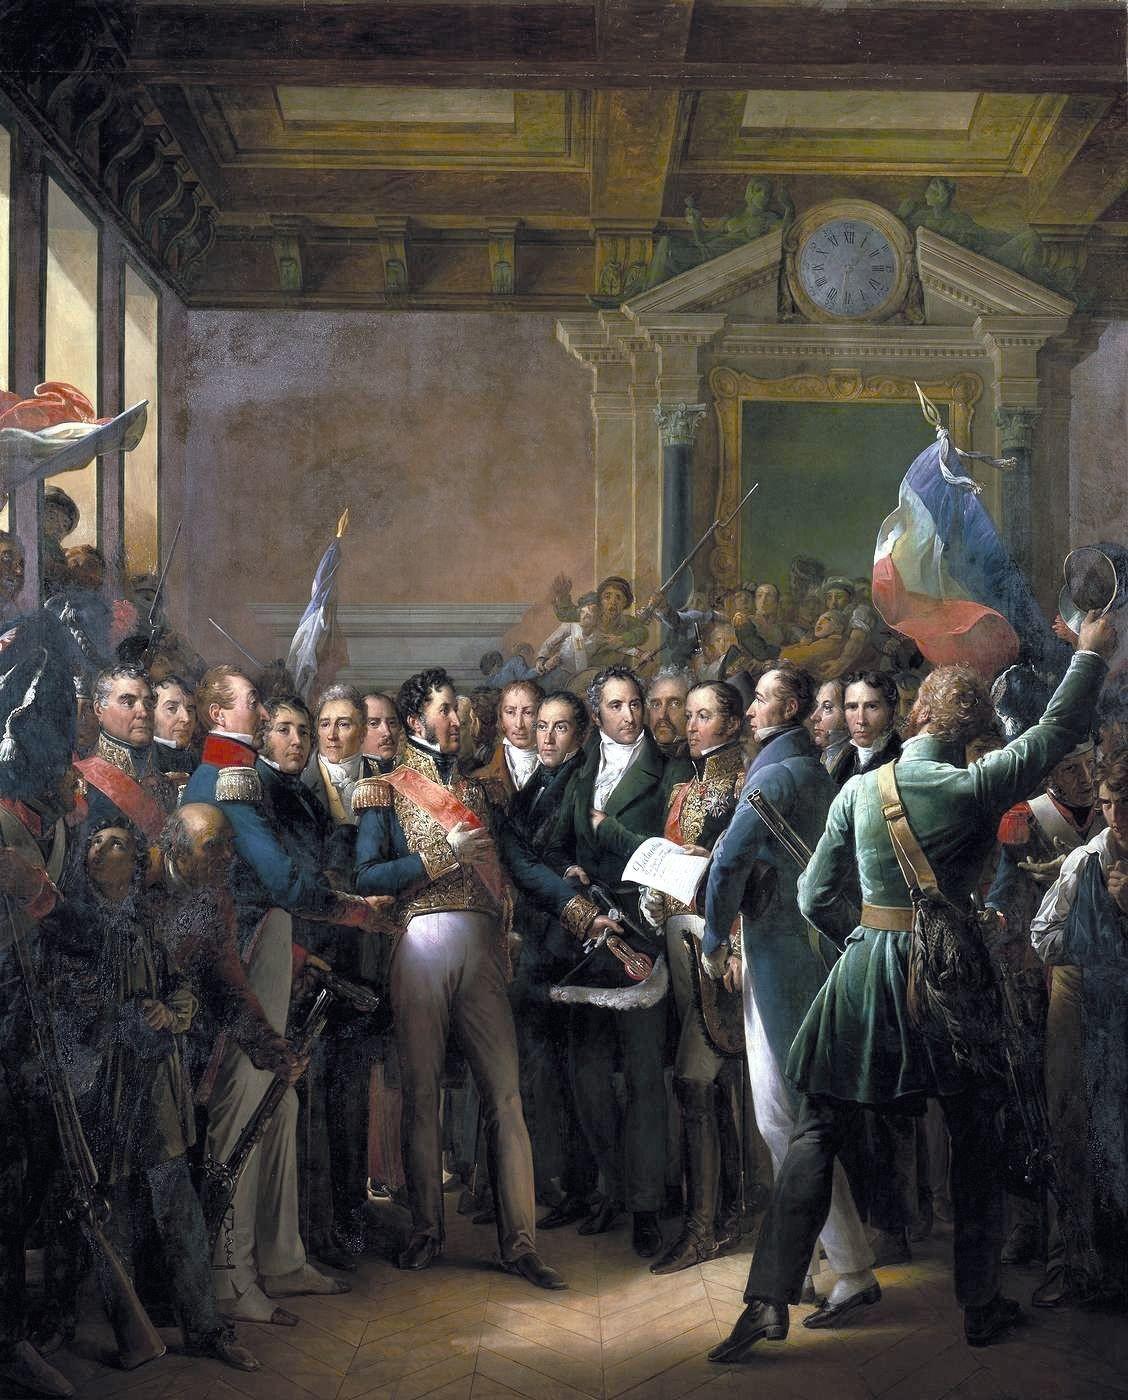 François Gérard, Lecture de la déclaration des députés proclamant le duc, 1836, huile sur toile (détail), 550 x 442 cm, musée du Château de Versailles.